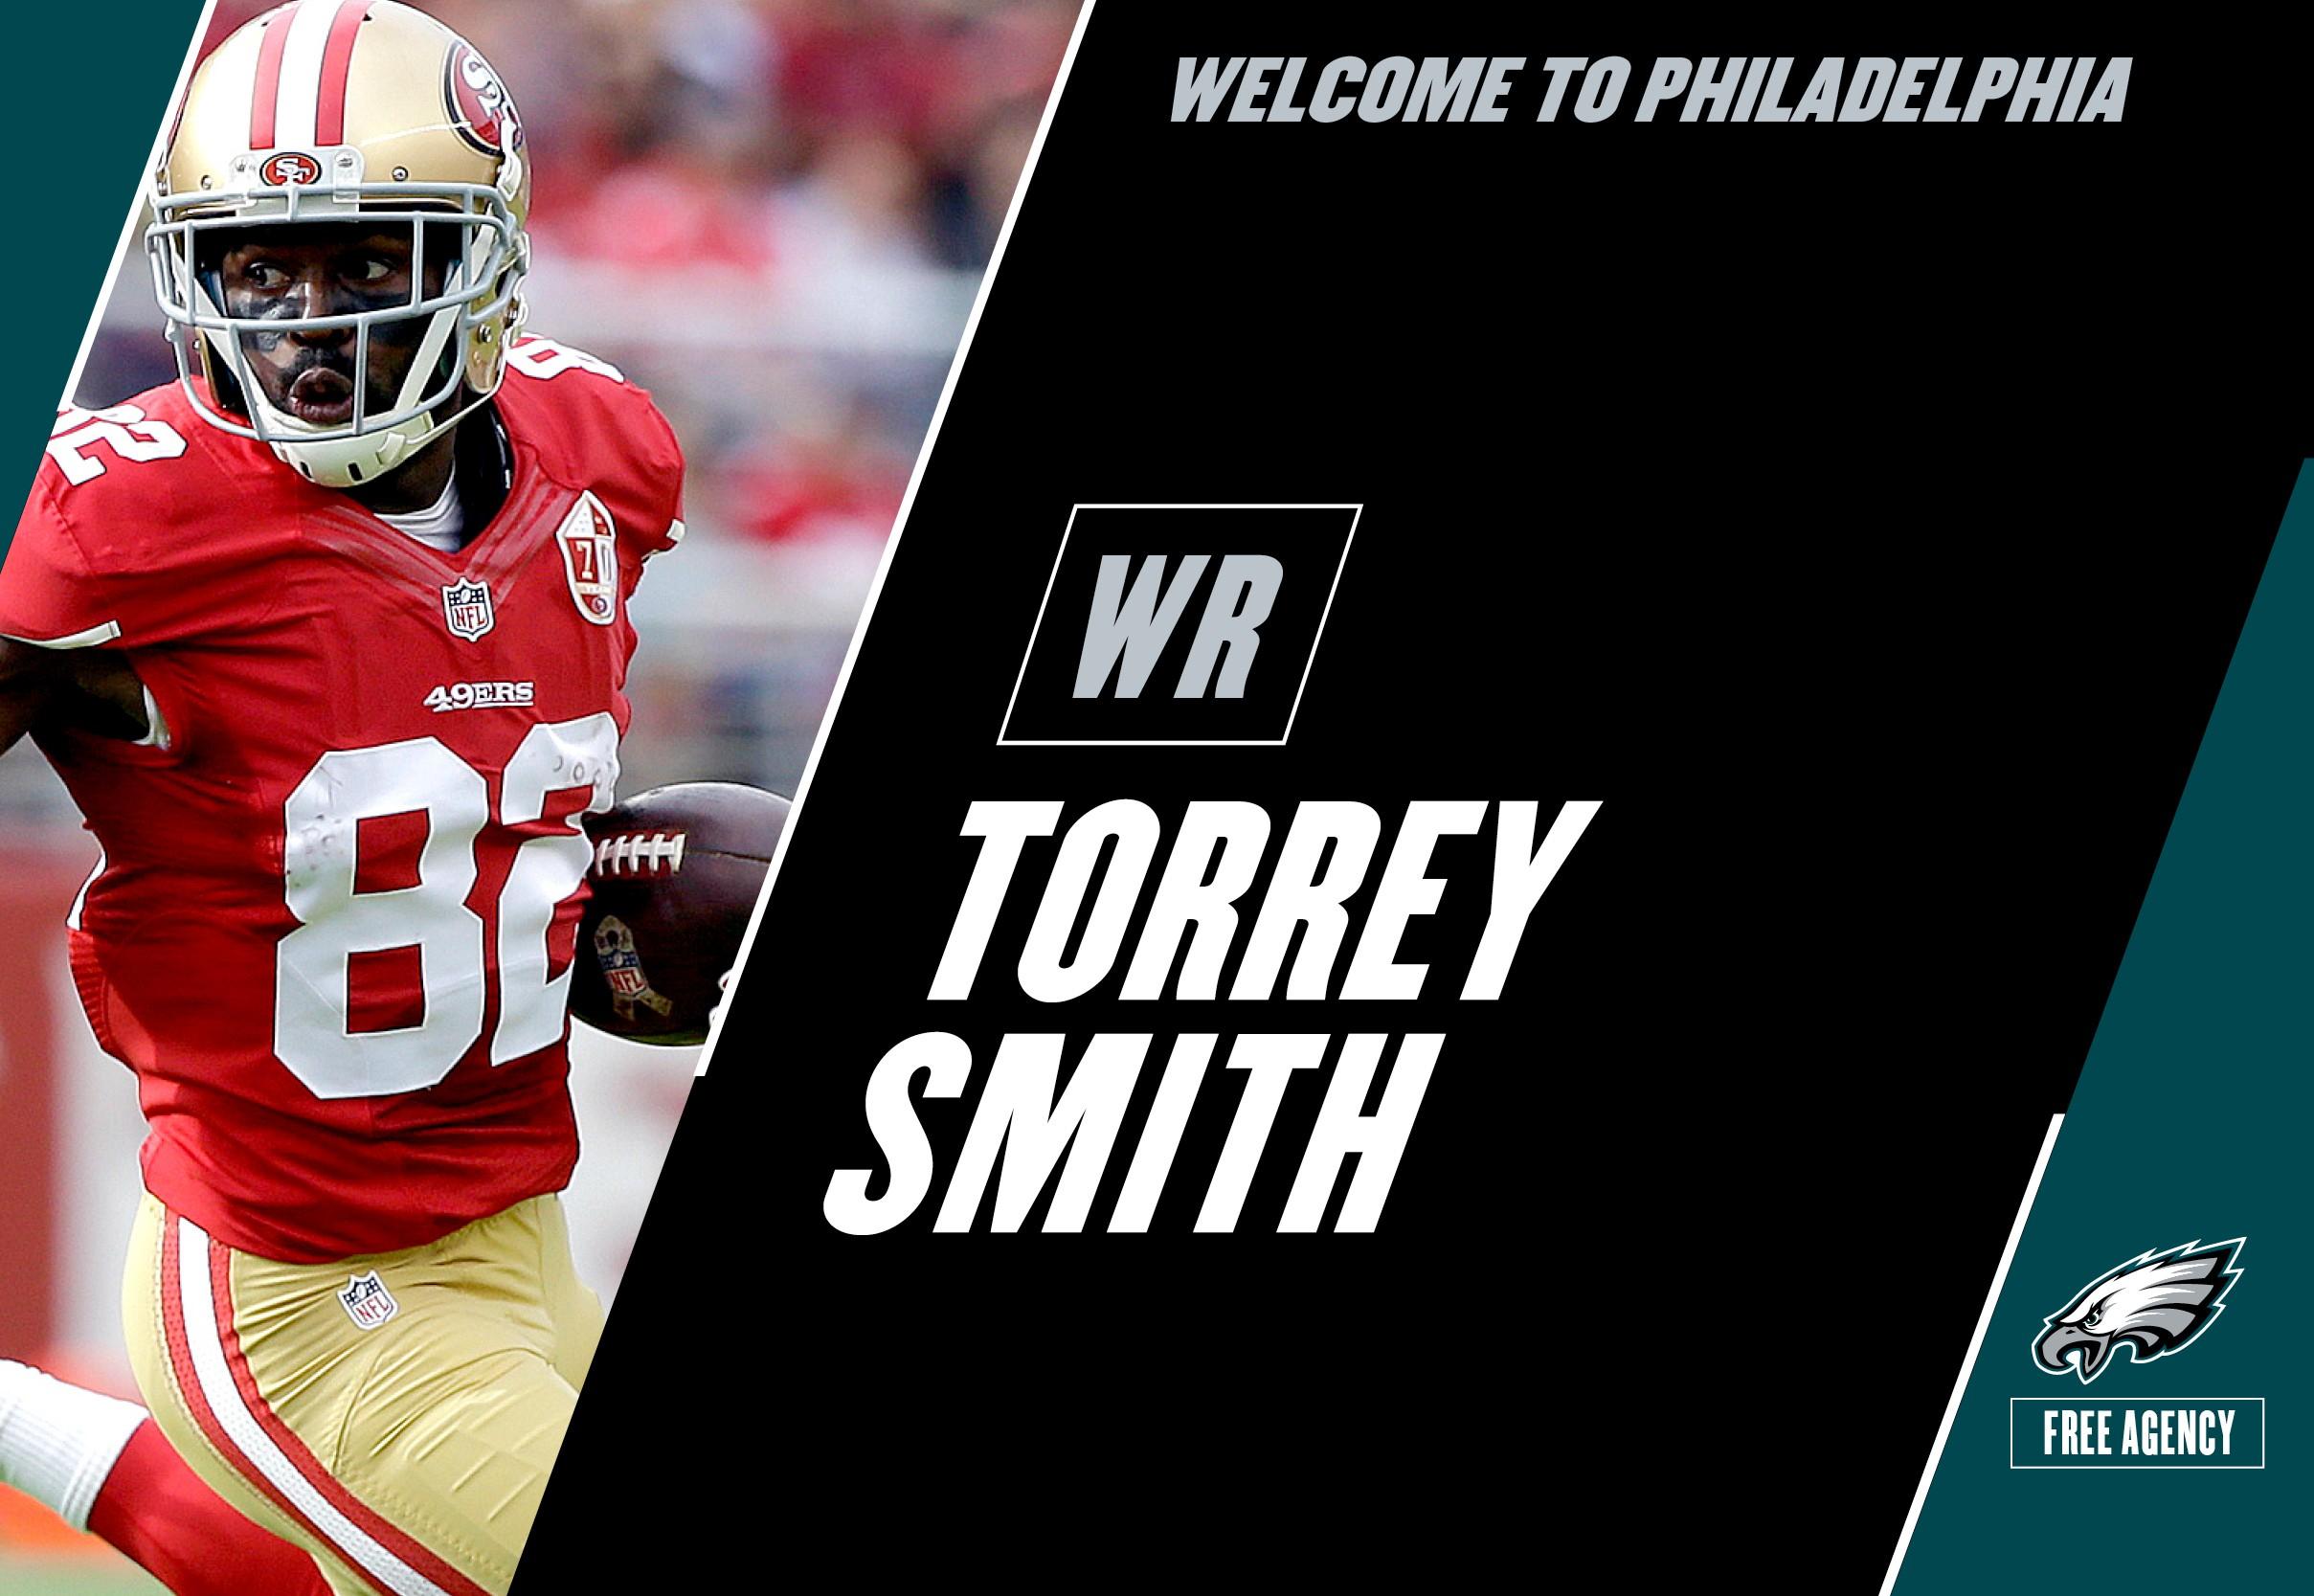 b635877de51 Eagles Add WR Torrey Smith